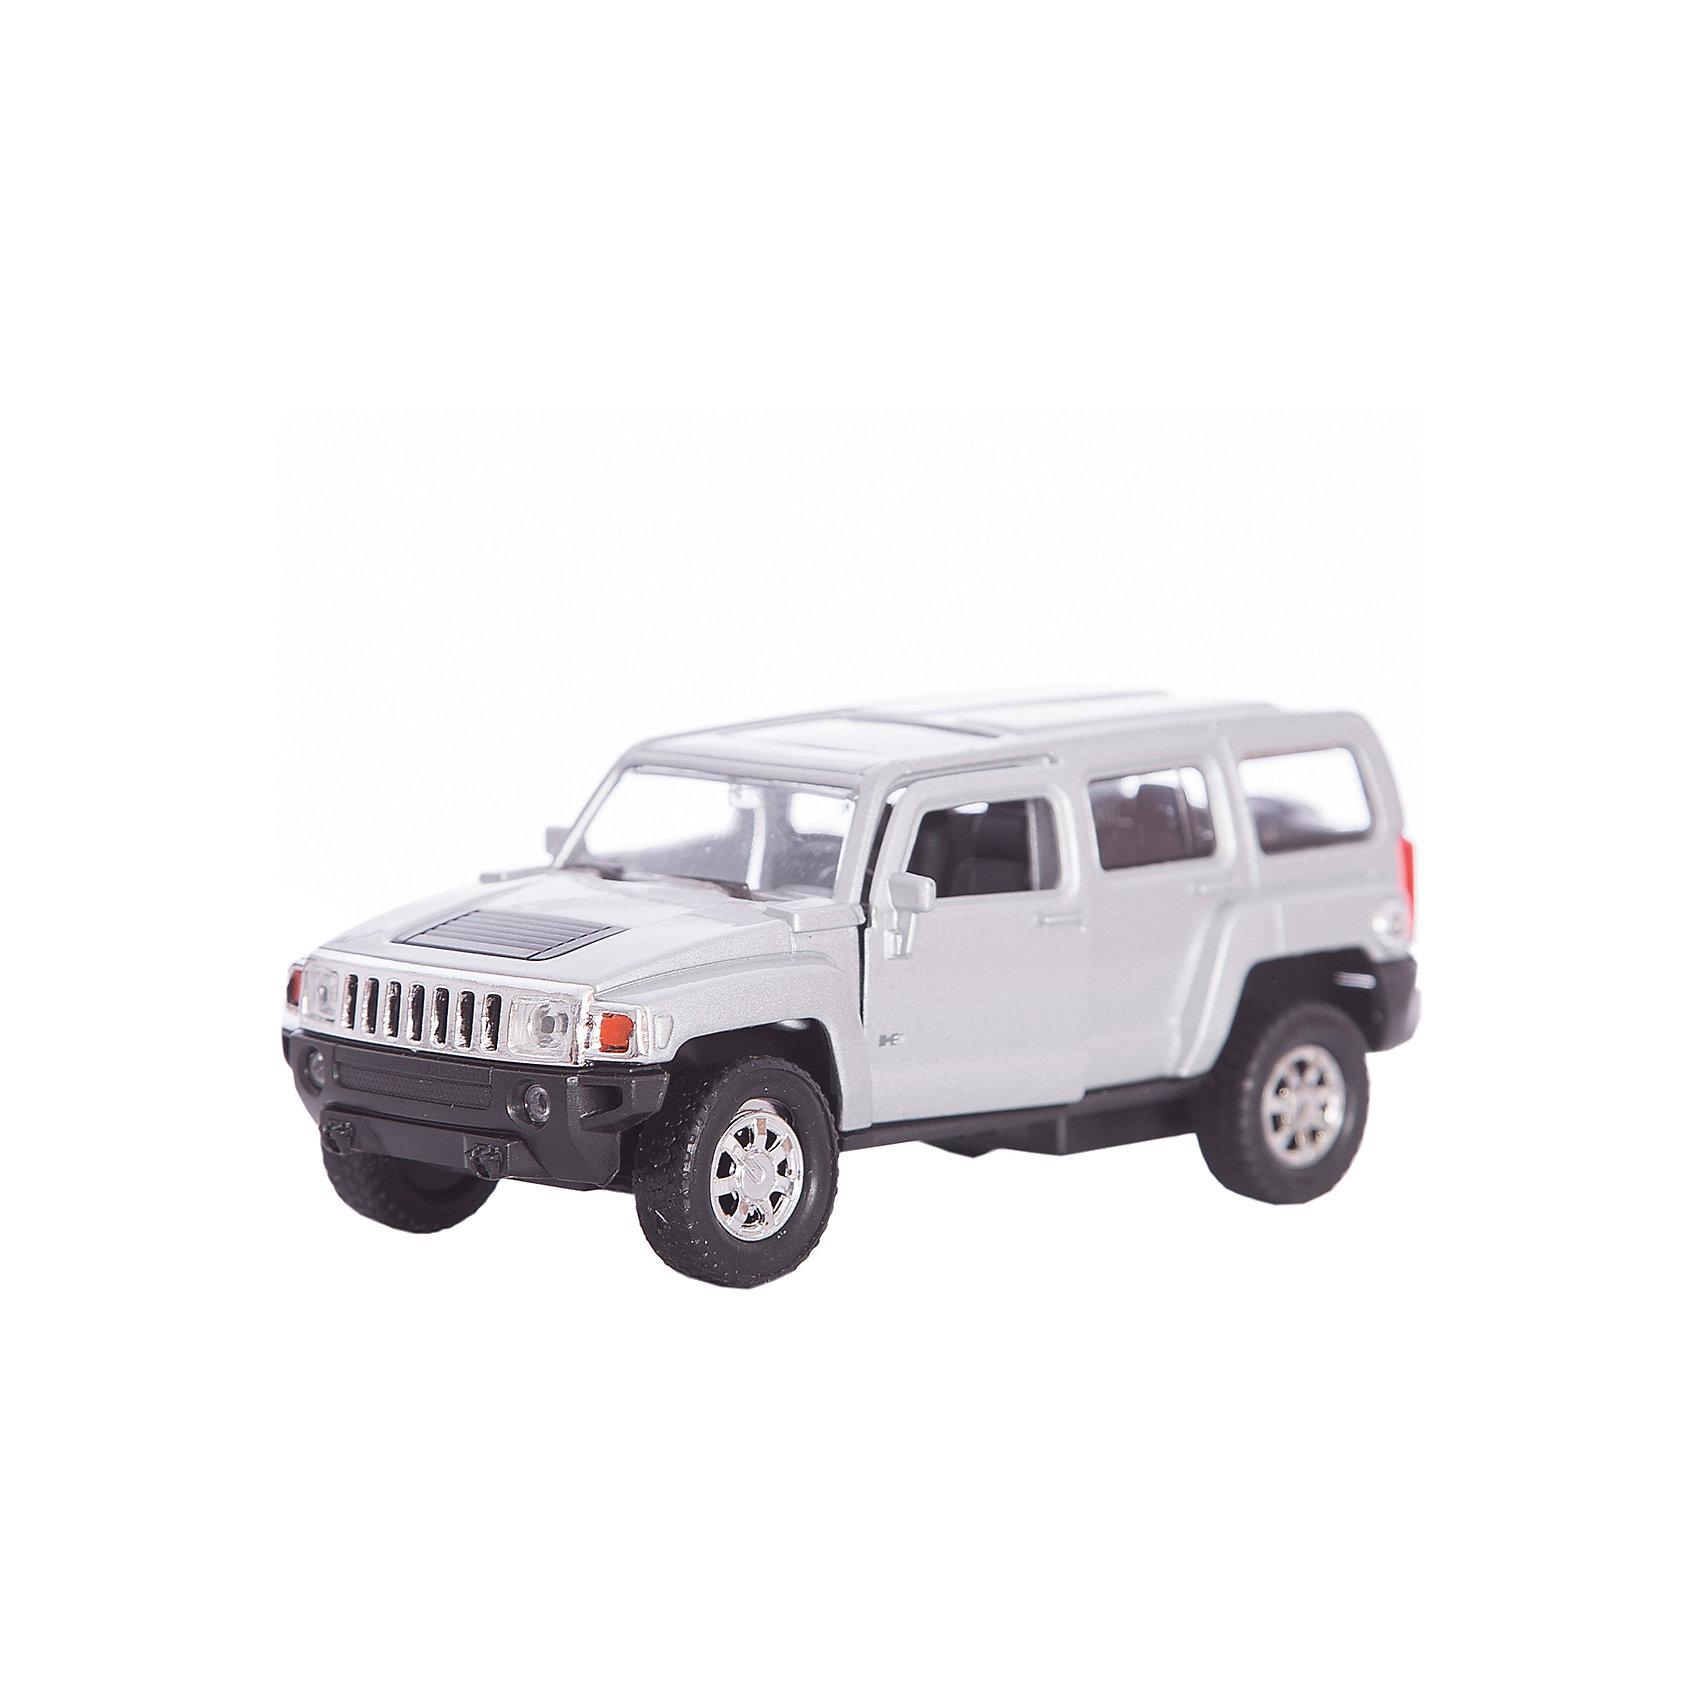 Модель машины 1:34-39 Hummer H3, WellyКоллекционные модели<br>Коллекционная модель машины масштаба 1:34-39 Hummer H3. Функции: открываются передние двери, инерционный механизм.<br>Цвет кузова автомобиля представлен в ассортименте. Выбрать определенный цвет заранее не представляется возможным.<br><br>Ширина мм: 60<br>Глубина мм: 110<br>Высота мм: 150<br>Вес г: 159<br>Возраст от месяцев: 36<br>Возраст до месяцев: 192<br>Пол: Мужской<br>Возраст: Детский<br>SKU: 4966525